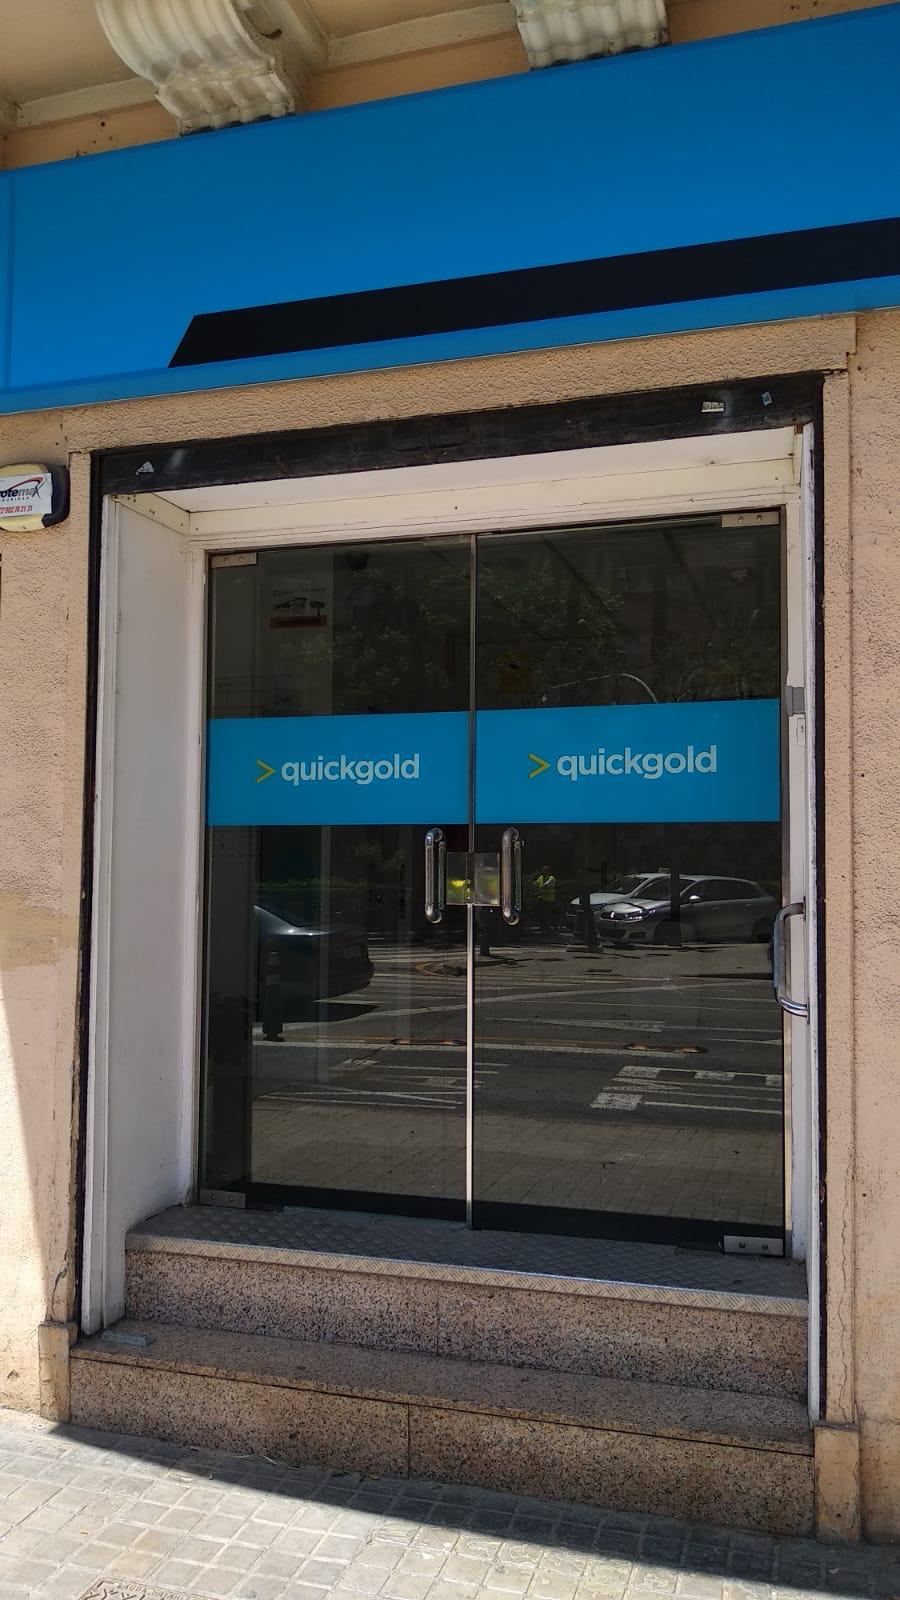 Tienda Quickgold Antiguo Reino